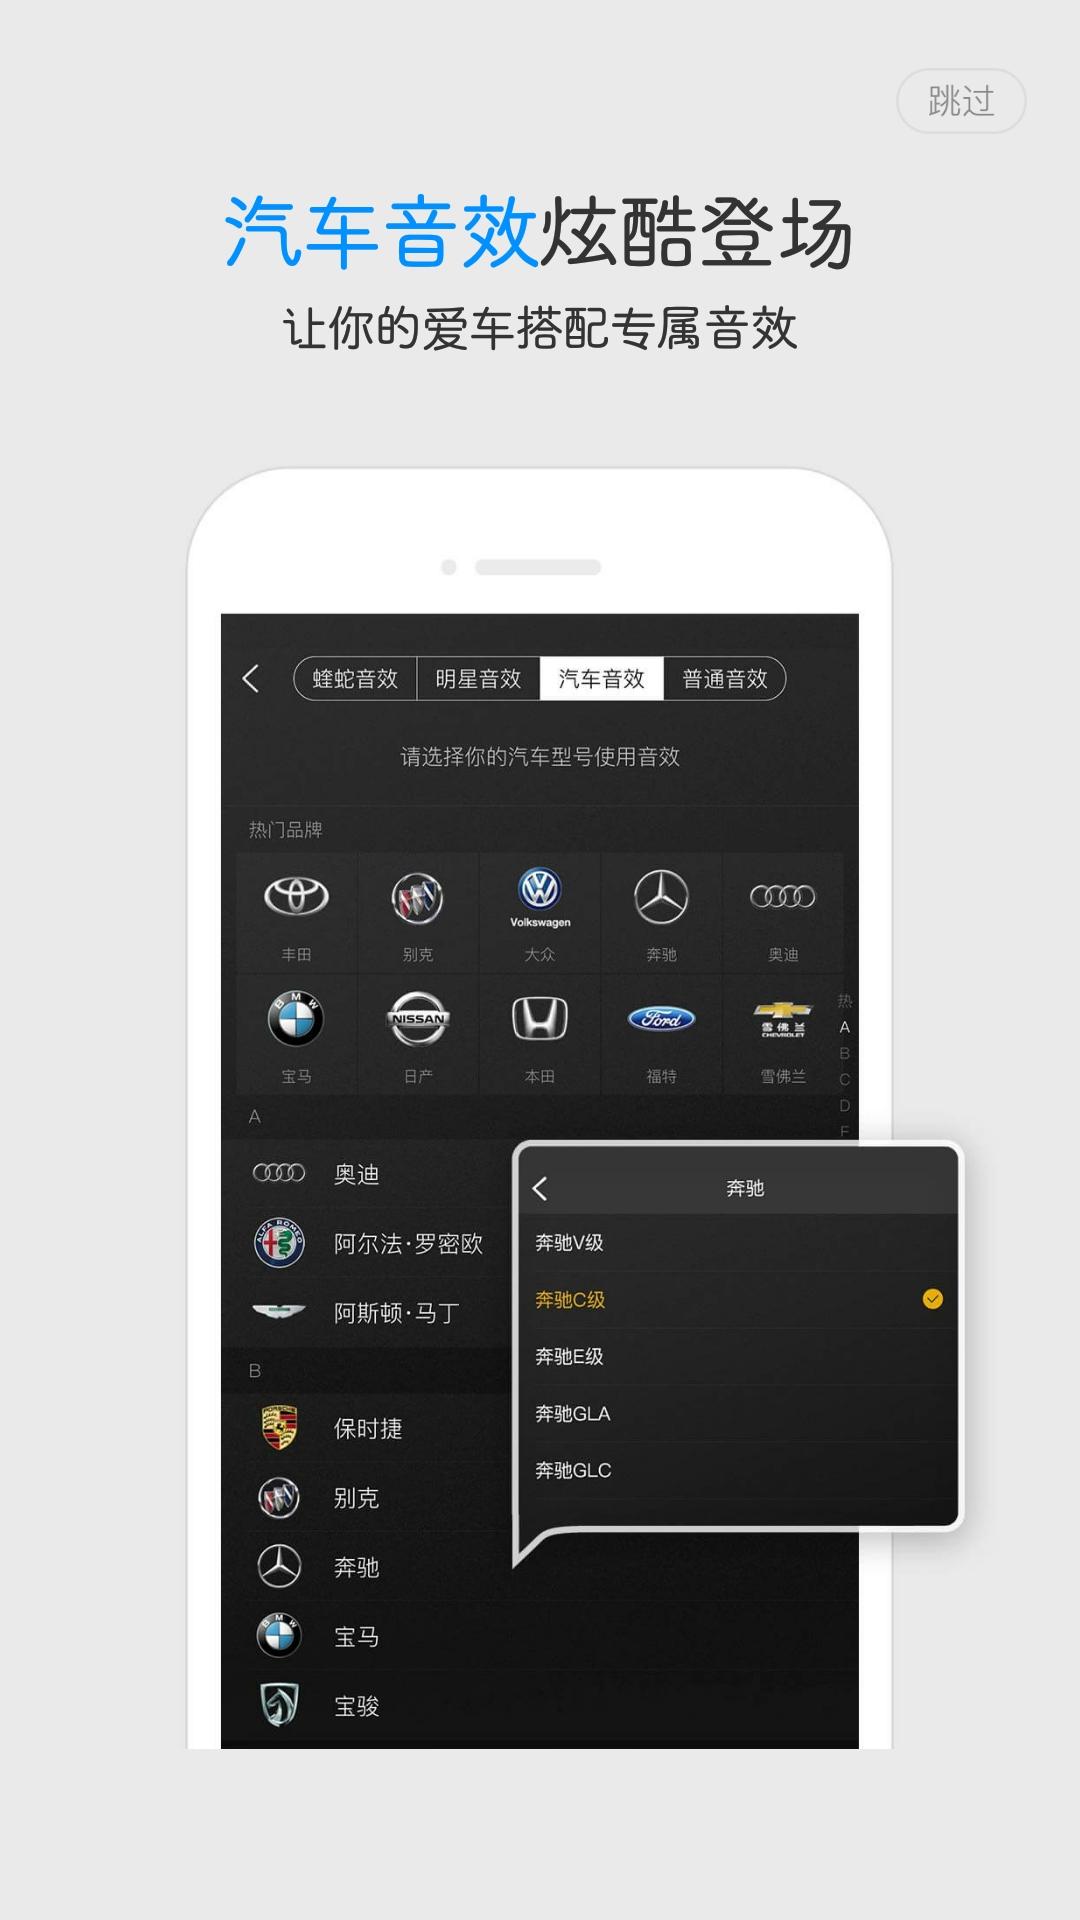 Screenshot_20171108-185024.jpg